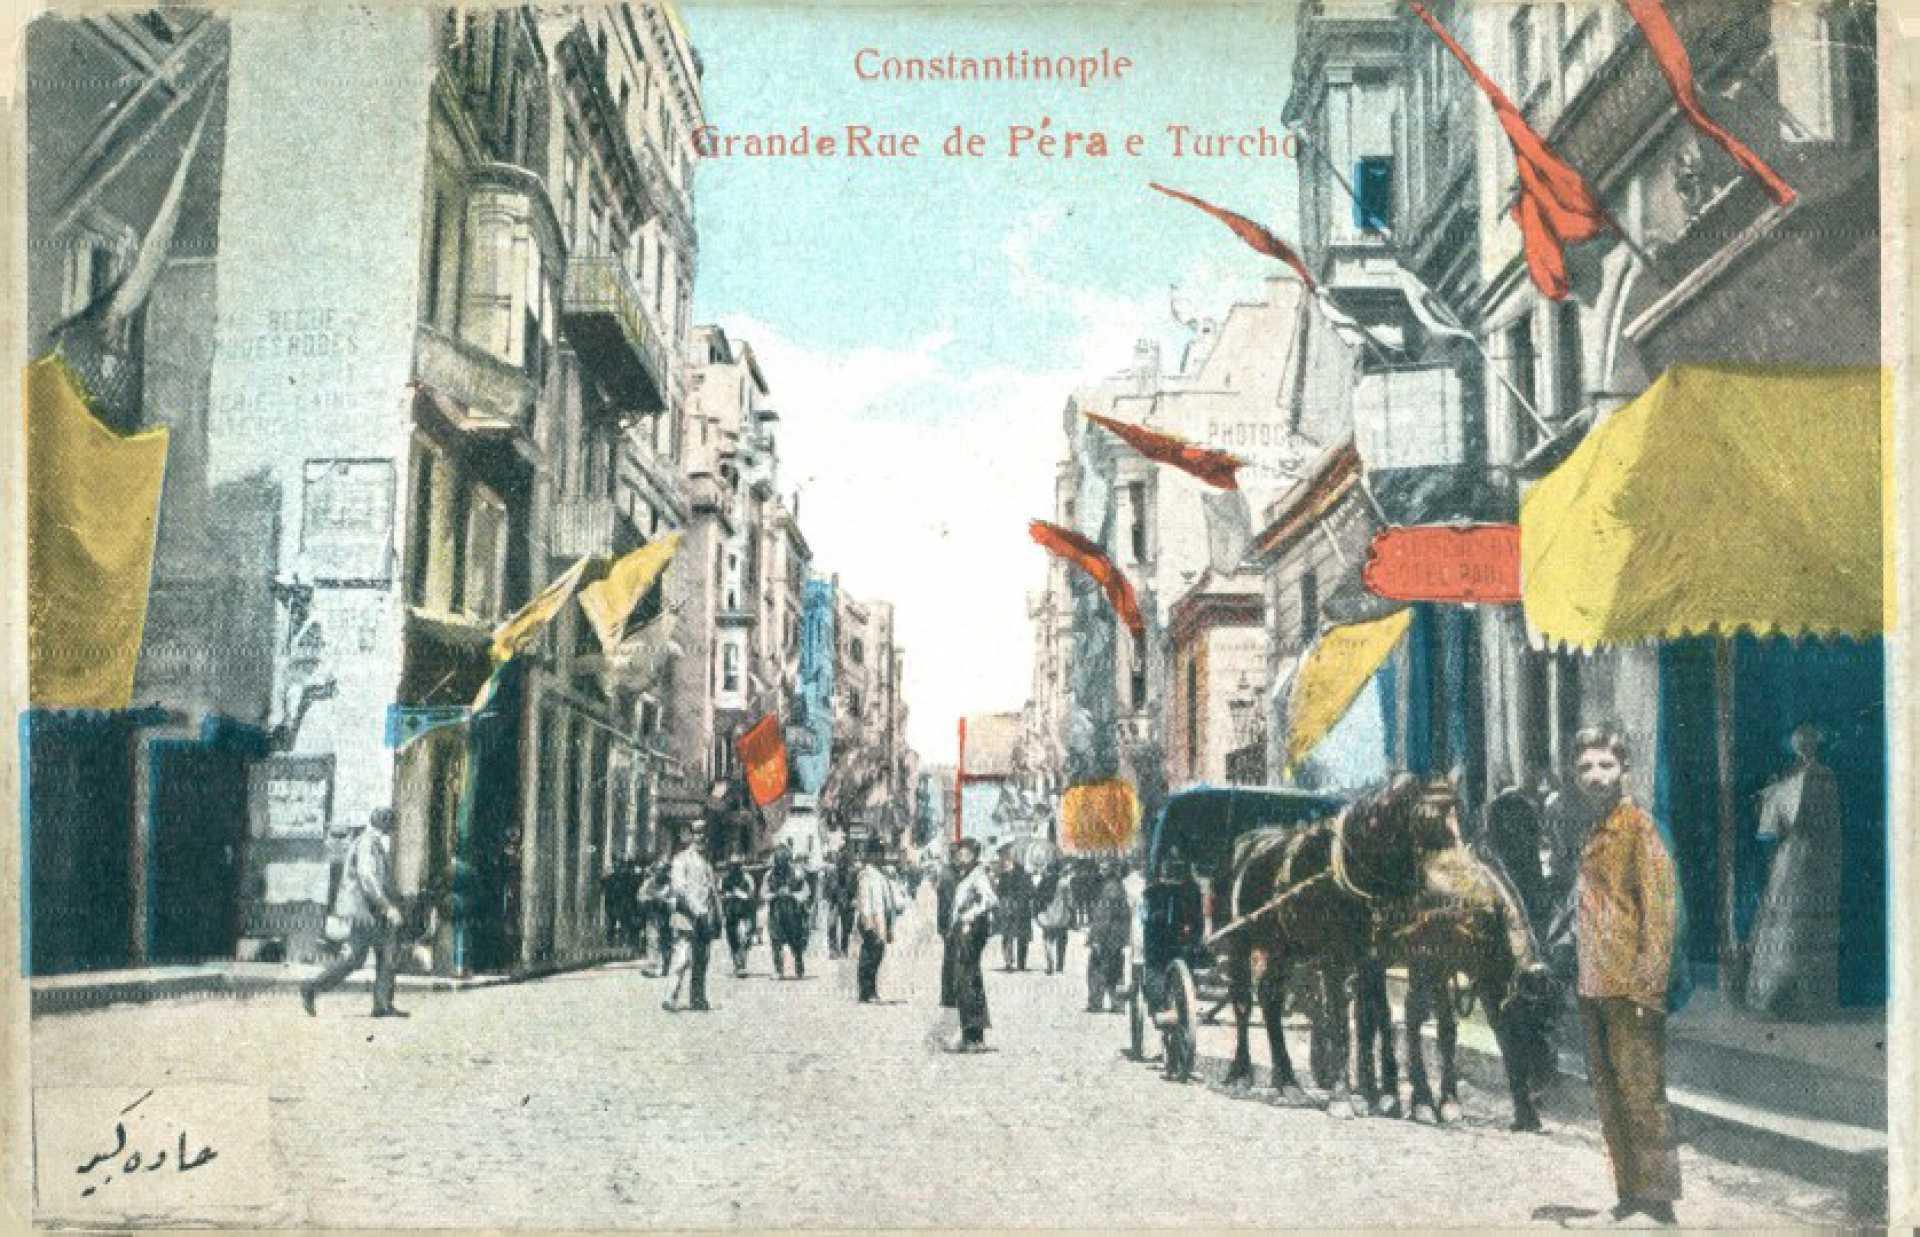 Constantinople Grande Rue de Pera e Turcho